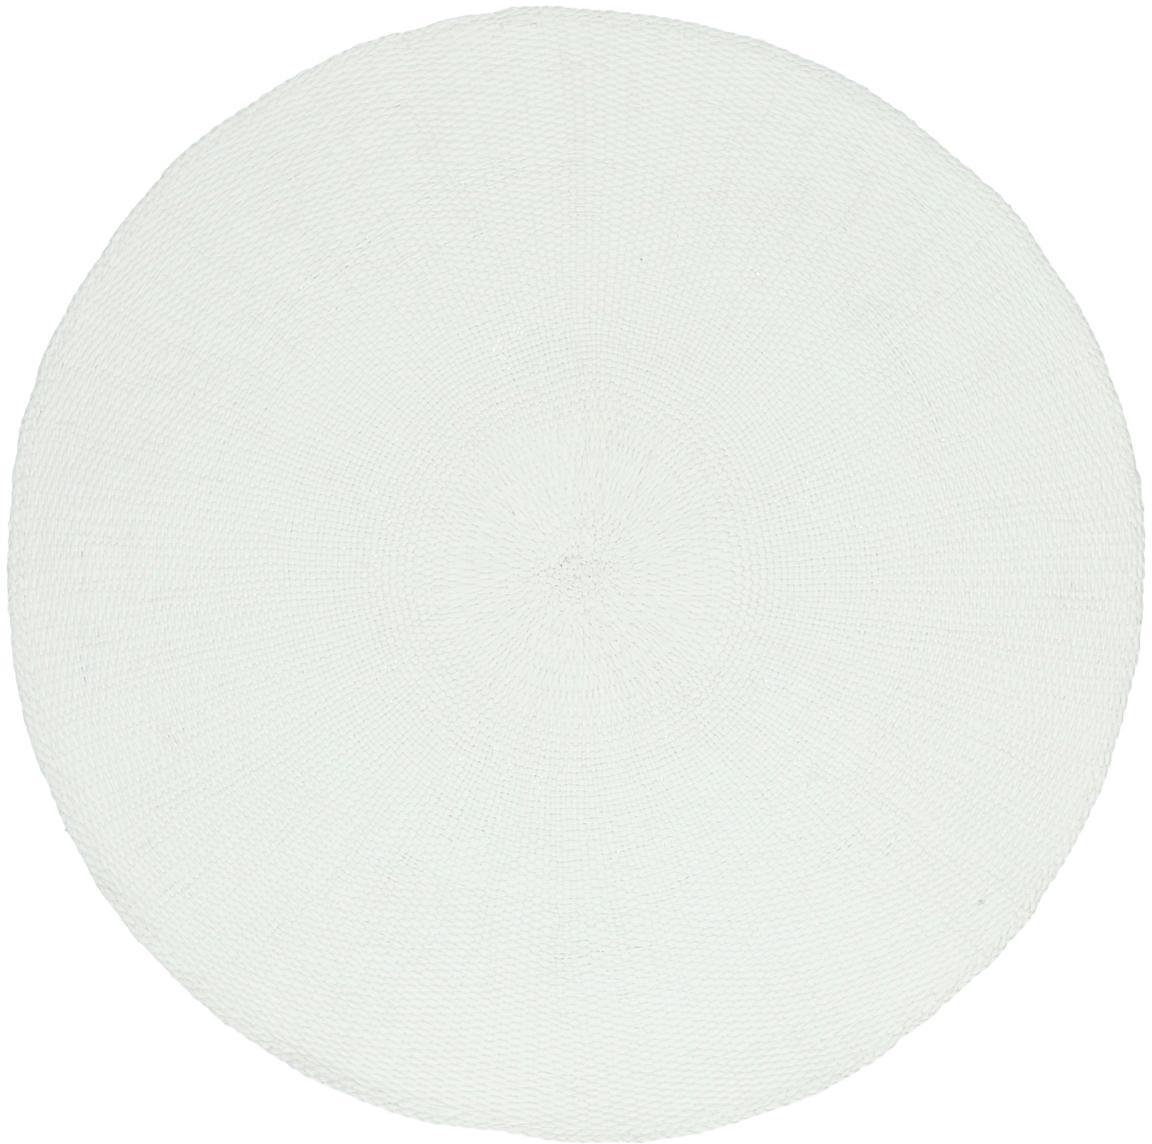 Runde Tischsets Kolori aus Papierfasern, 2 Stück, Papierfasern, Weiß, Ø 38 cm